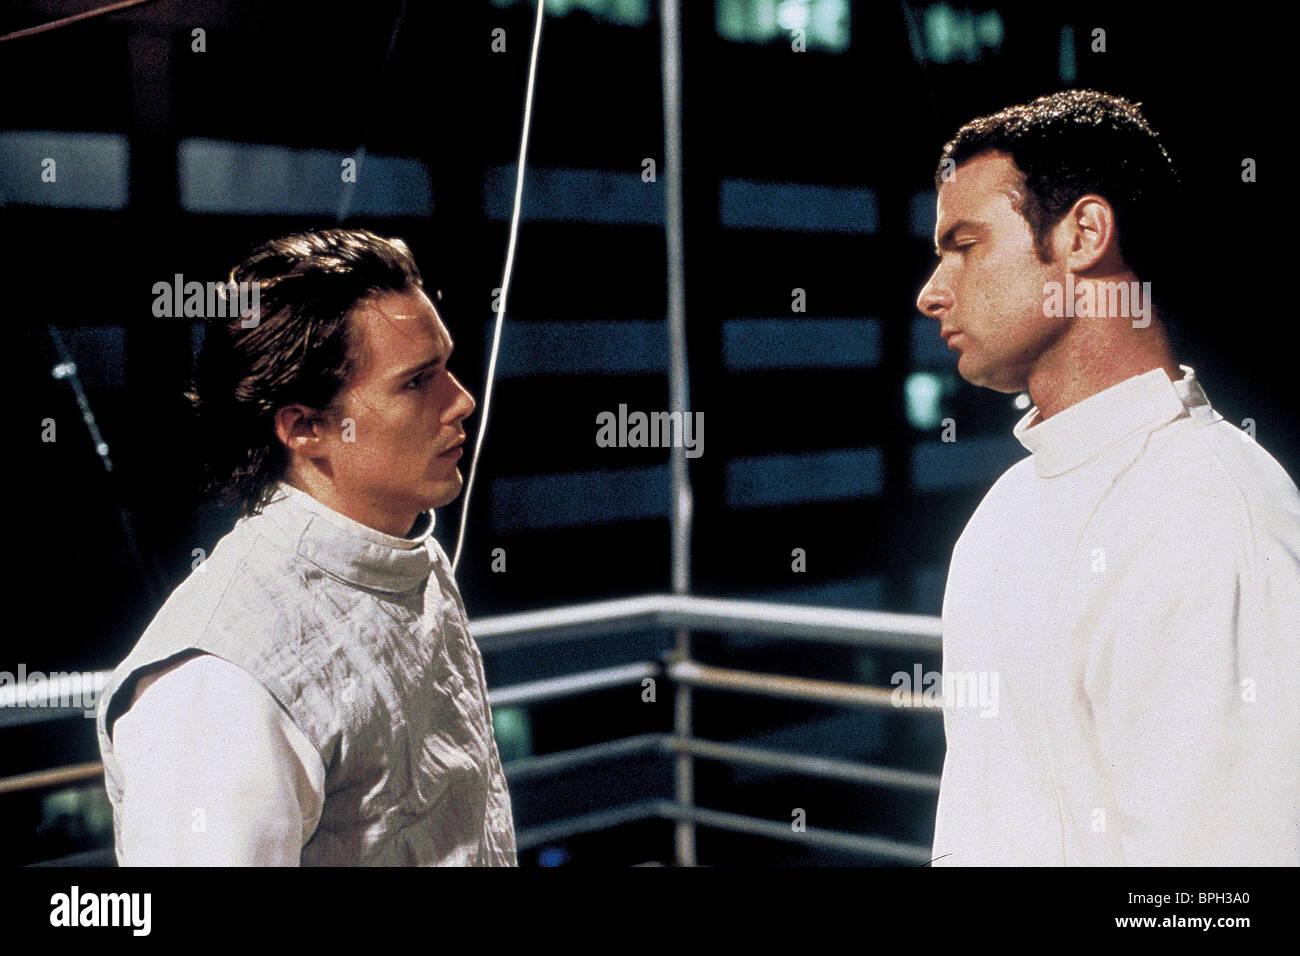 ETHAN HAWKE & LIEV SCHREIBER HAMLET (2000 Stock Photo ...